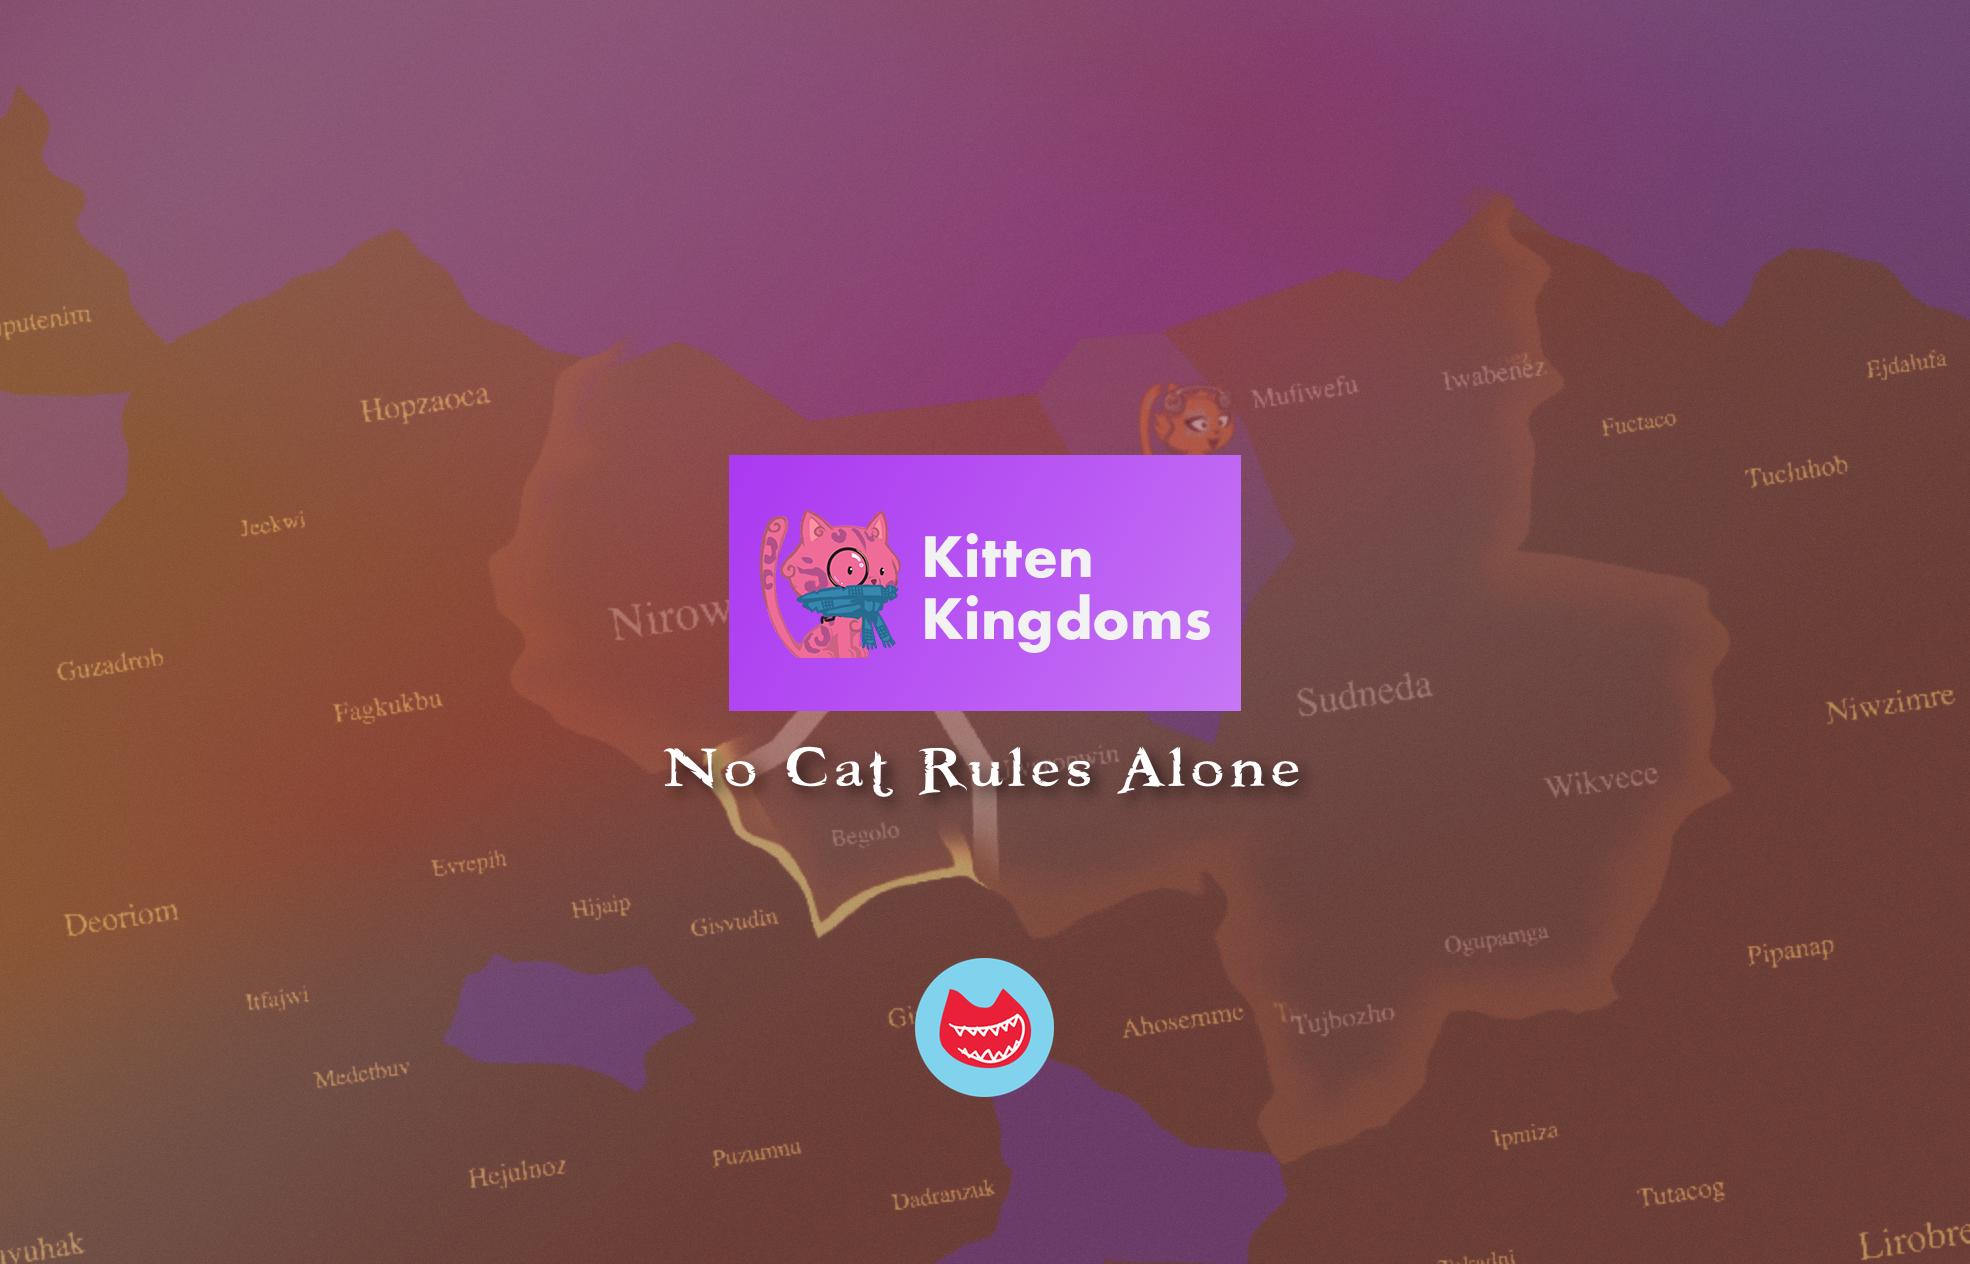 Kitten Kingdoms